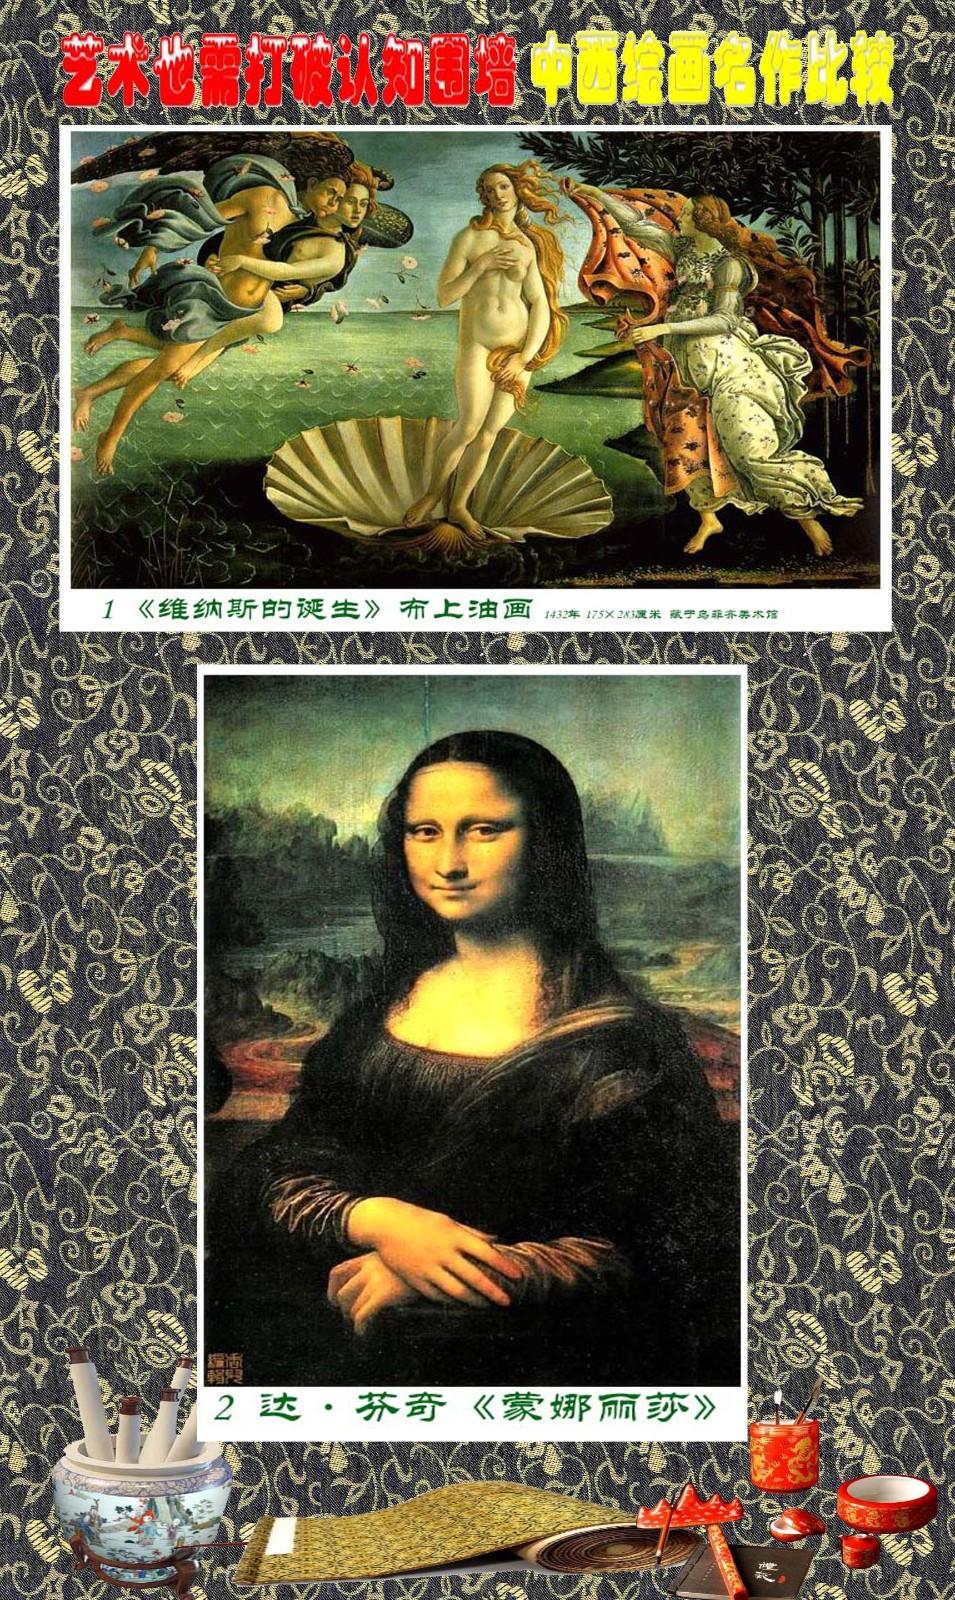 艺术需打破认知围墙  中西绘画名作比较_图1-26